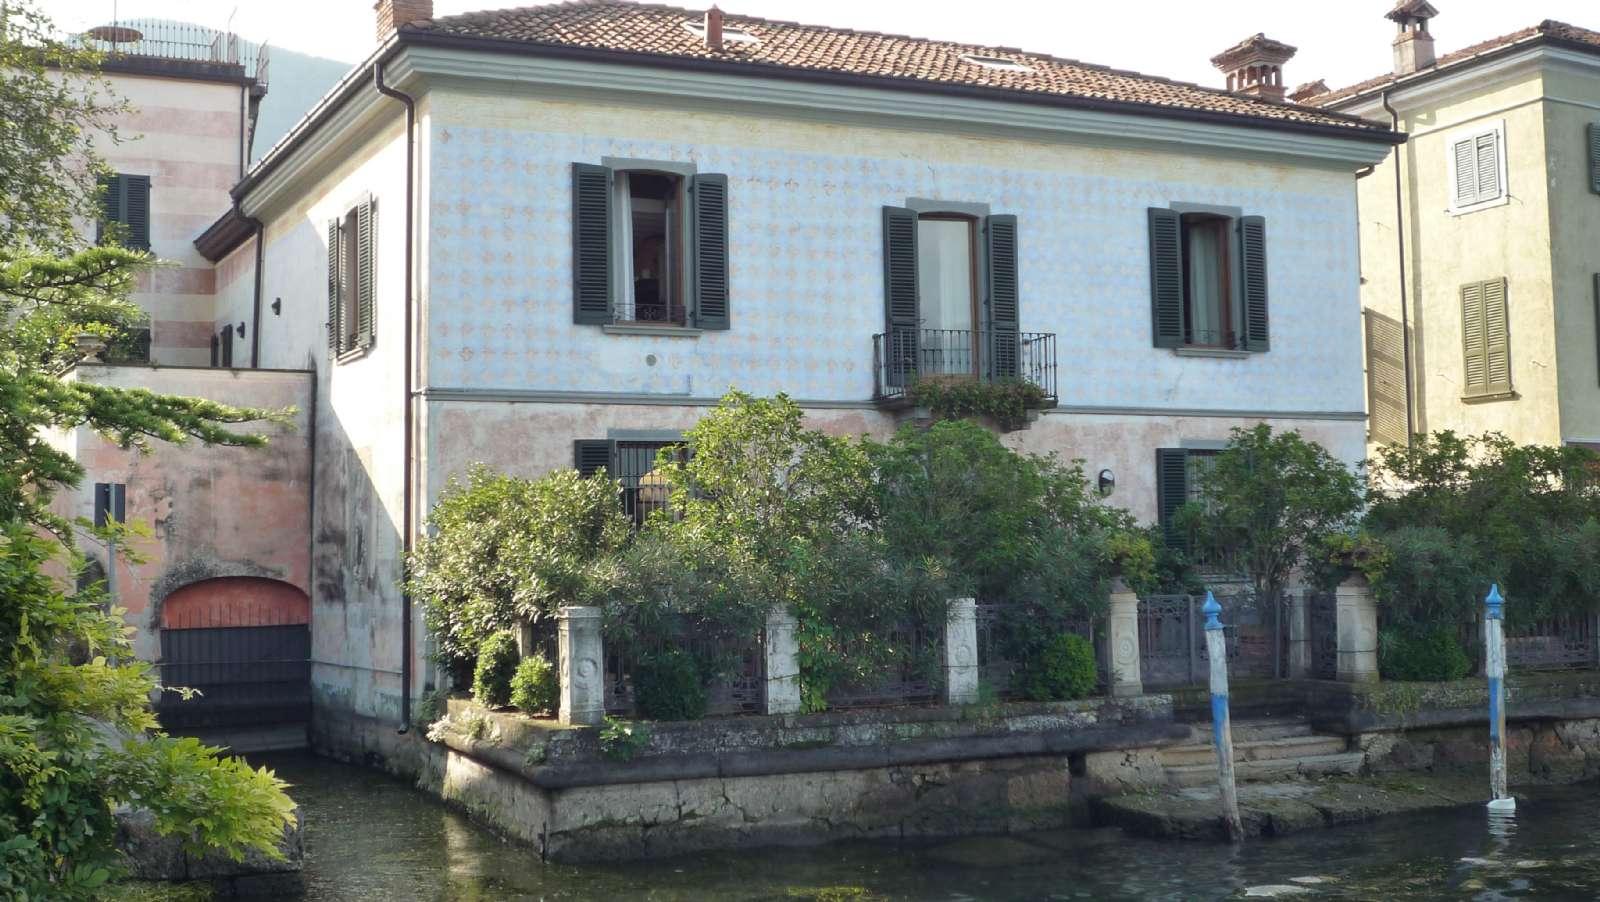 Smukt hus på søbredden i Iseo - her har man egen bådebro